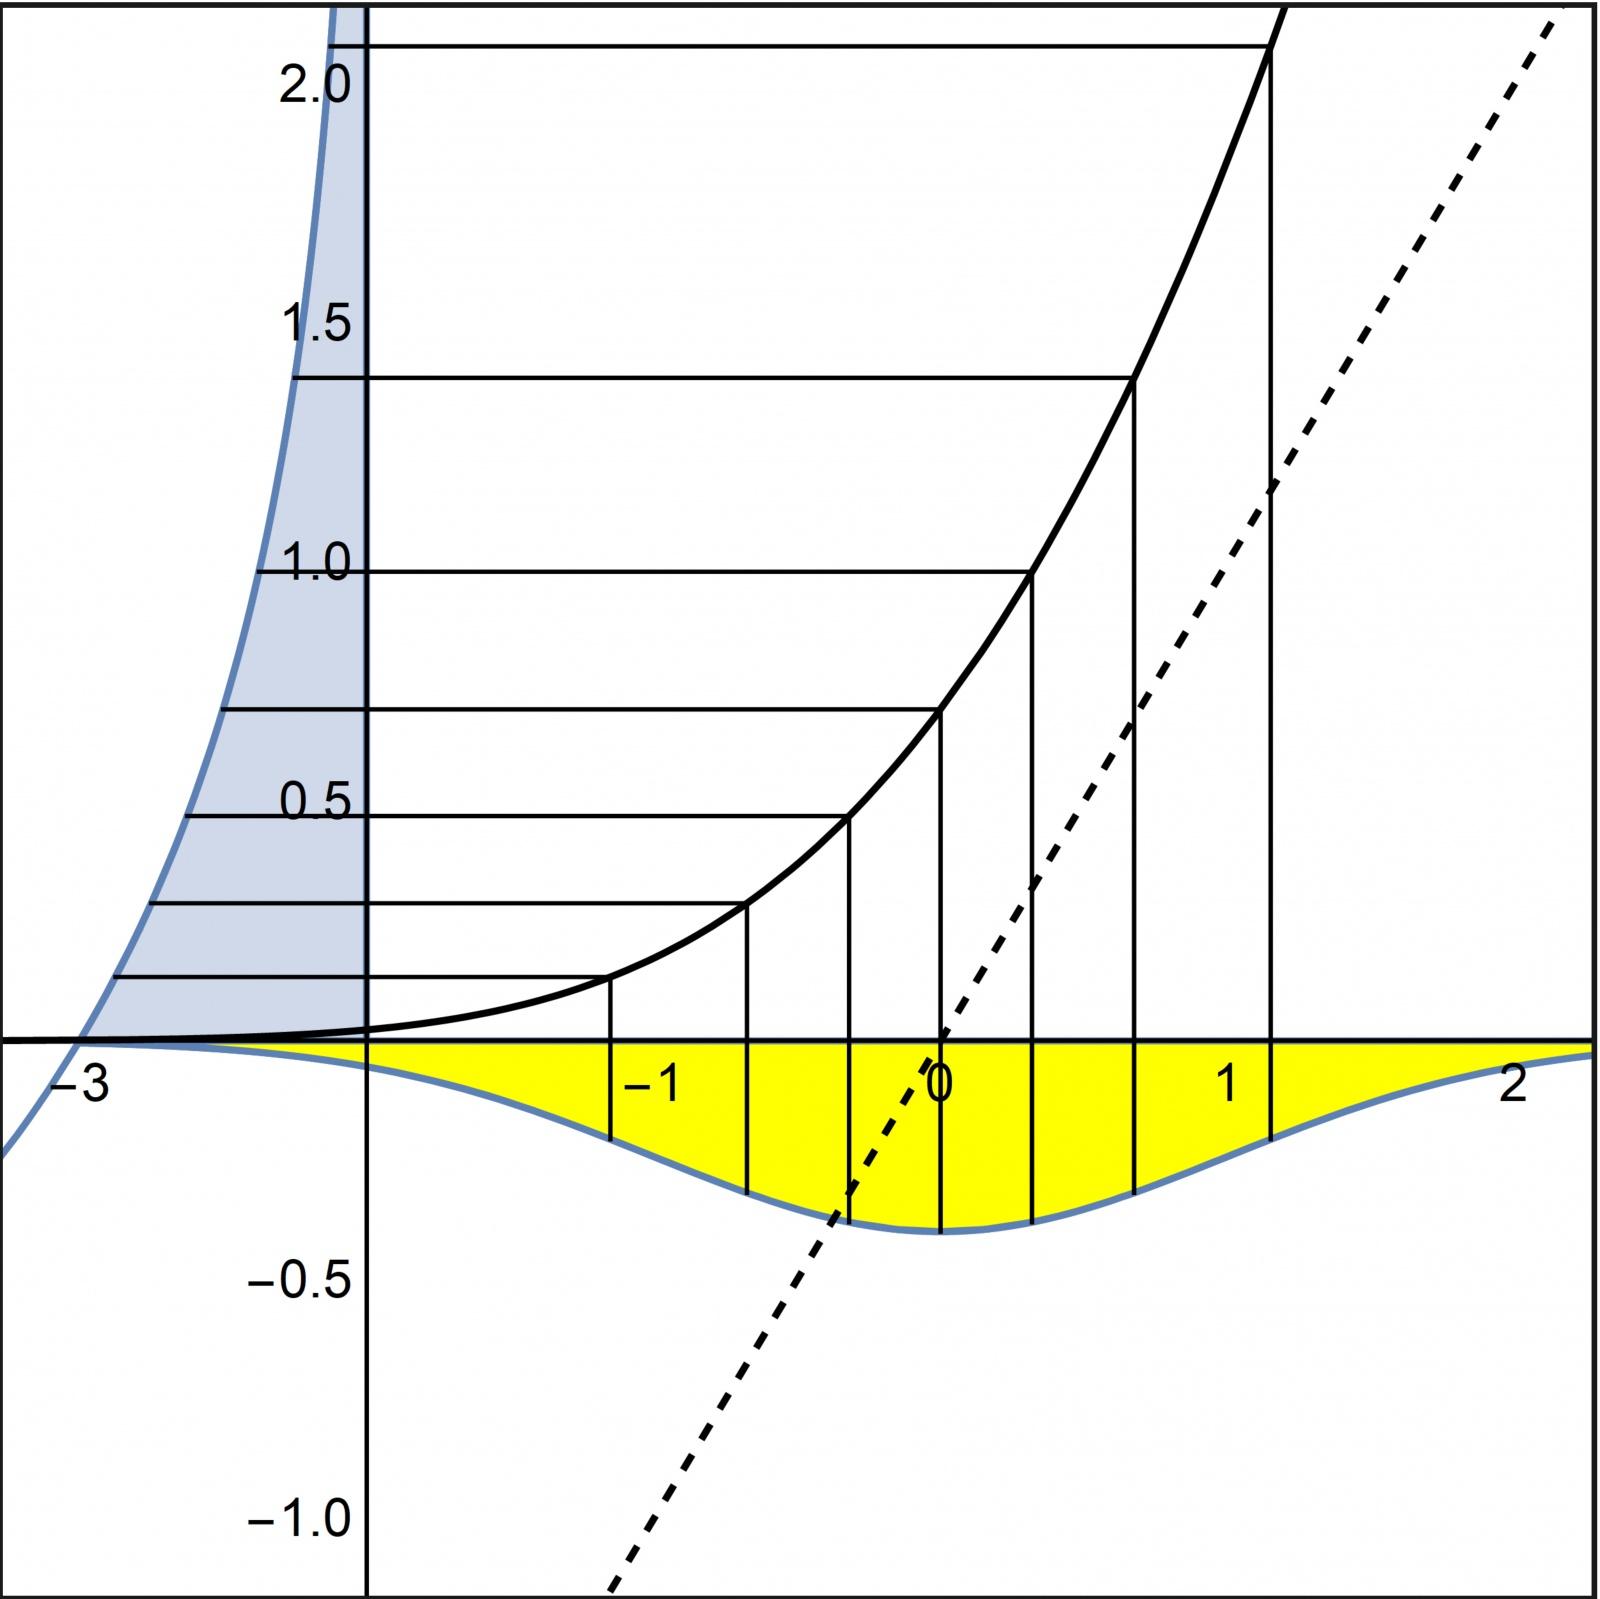 Рис. 10: Зависимость теоретических квантилей экспоненциального распределения с параметром 1 от теоретических квантилей стандартного нормального распределения